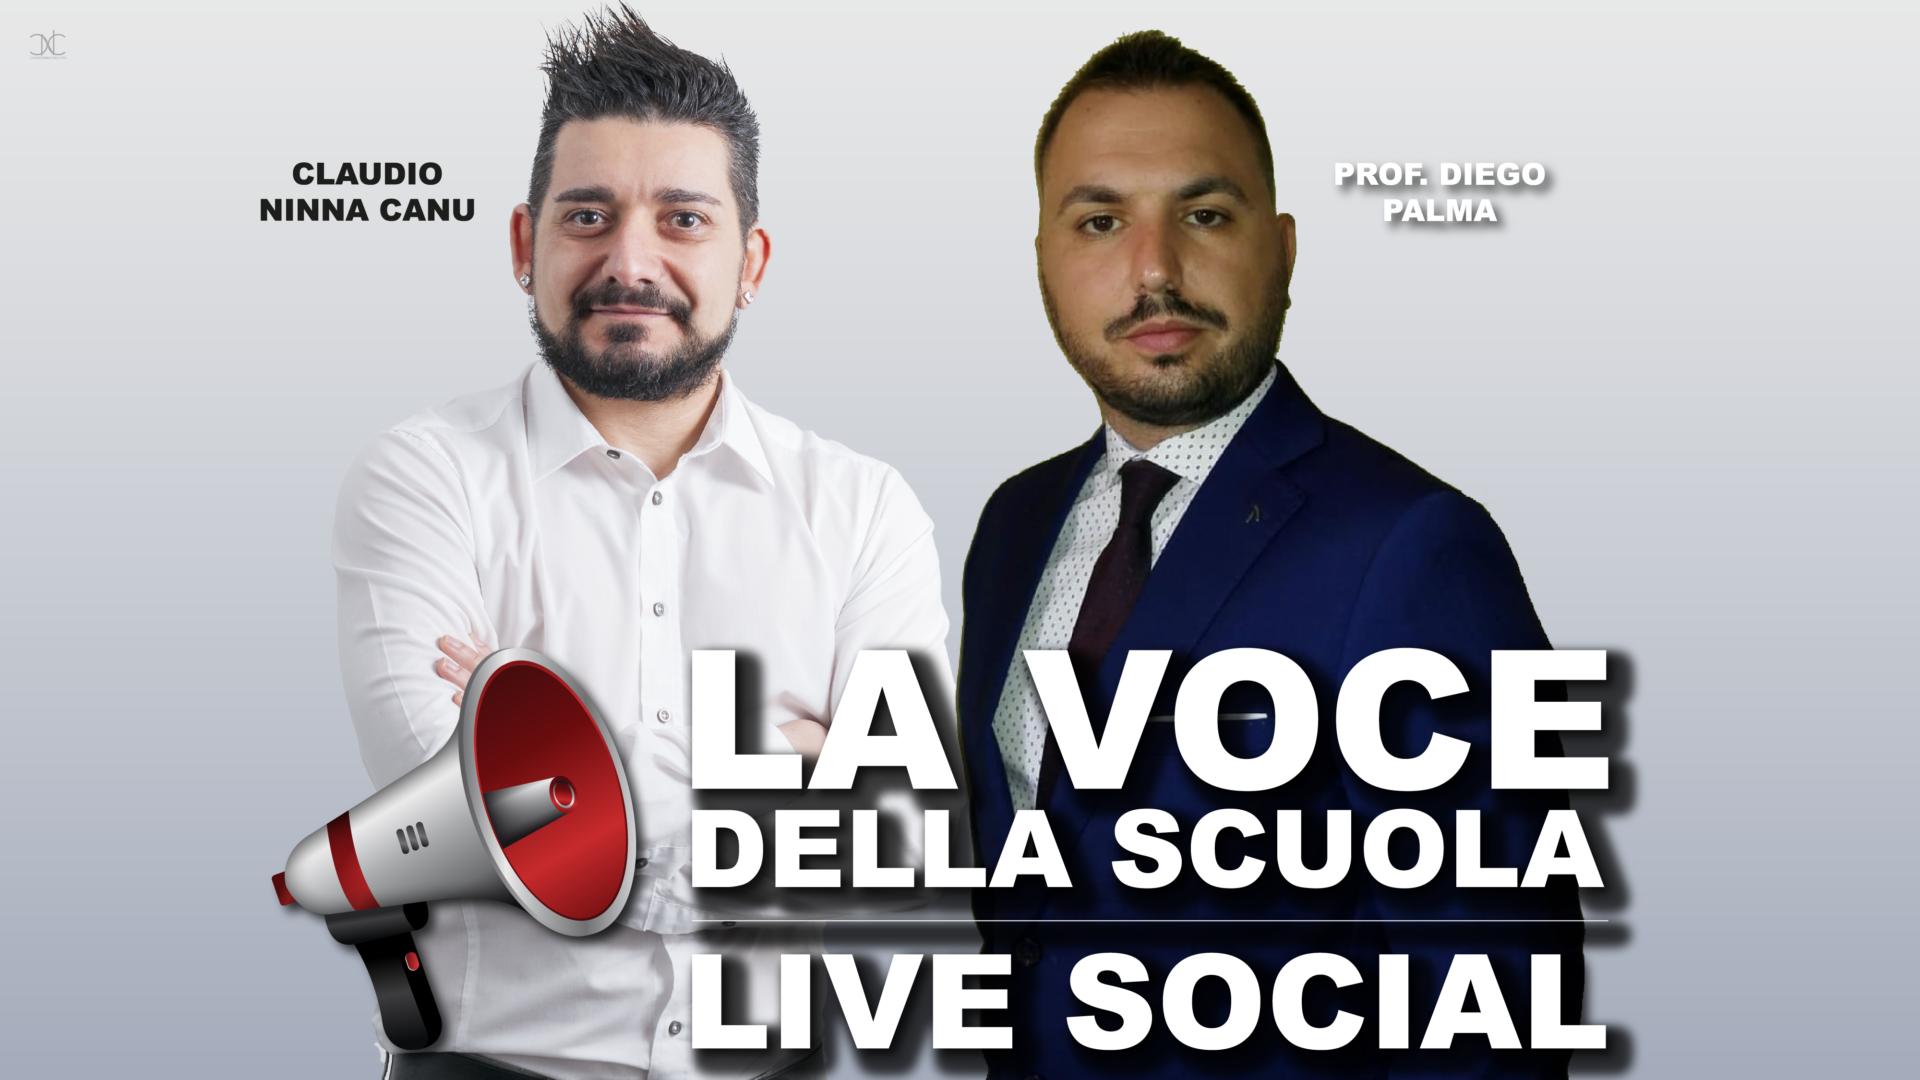 La Voce della Scuola: Live Social di informazione e discussione sul lavoro, formazione professionale e sulla scuola